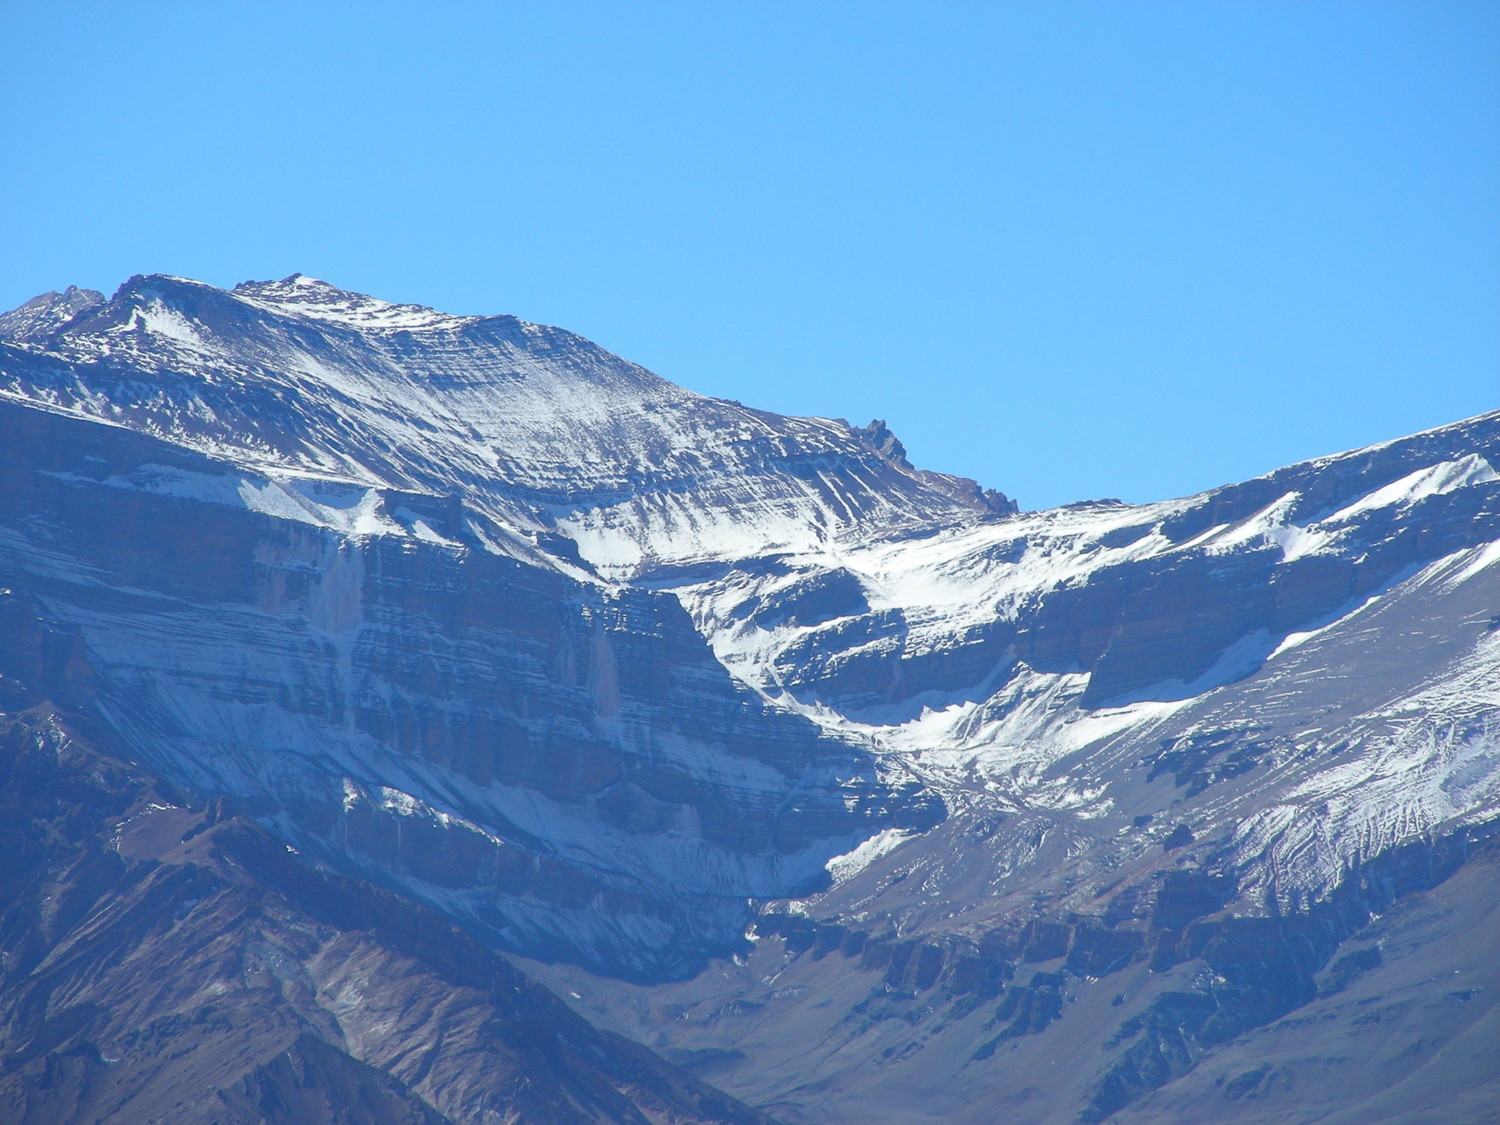 Zoom a la cara S del Cerro Almacenes. Se adivina la brecha por donde sube la ruta normal. A la izquierda, las cascadas!